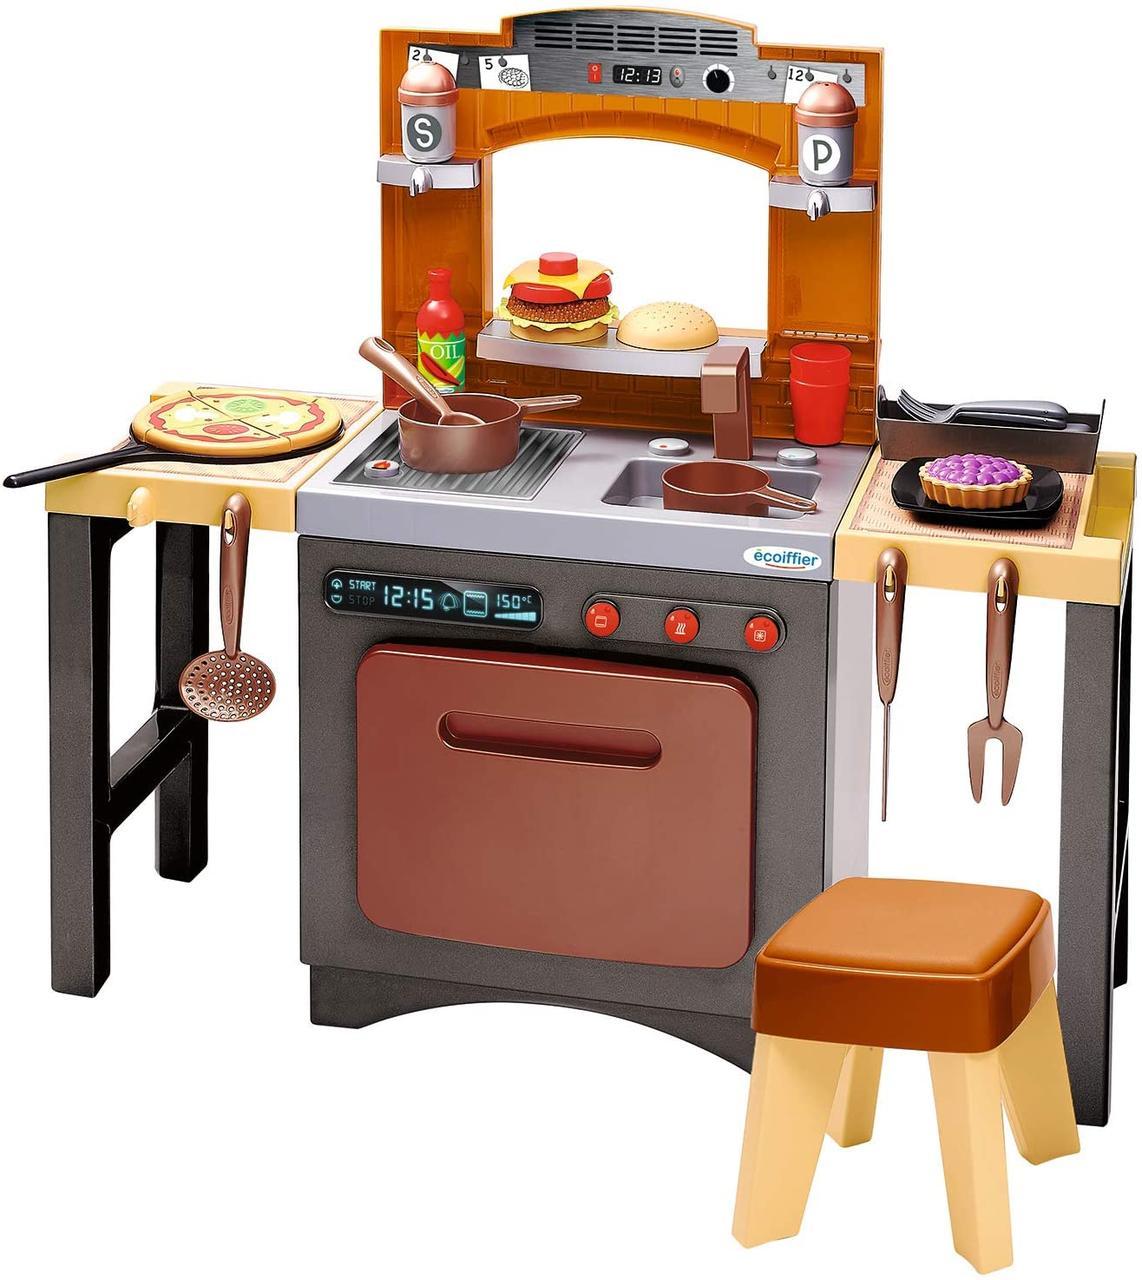 Игровой набор Пиццерия Ecoiffier 001693